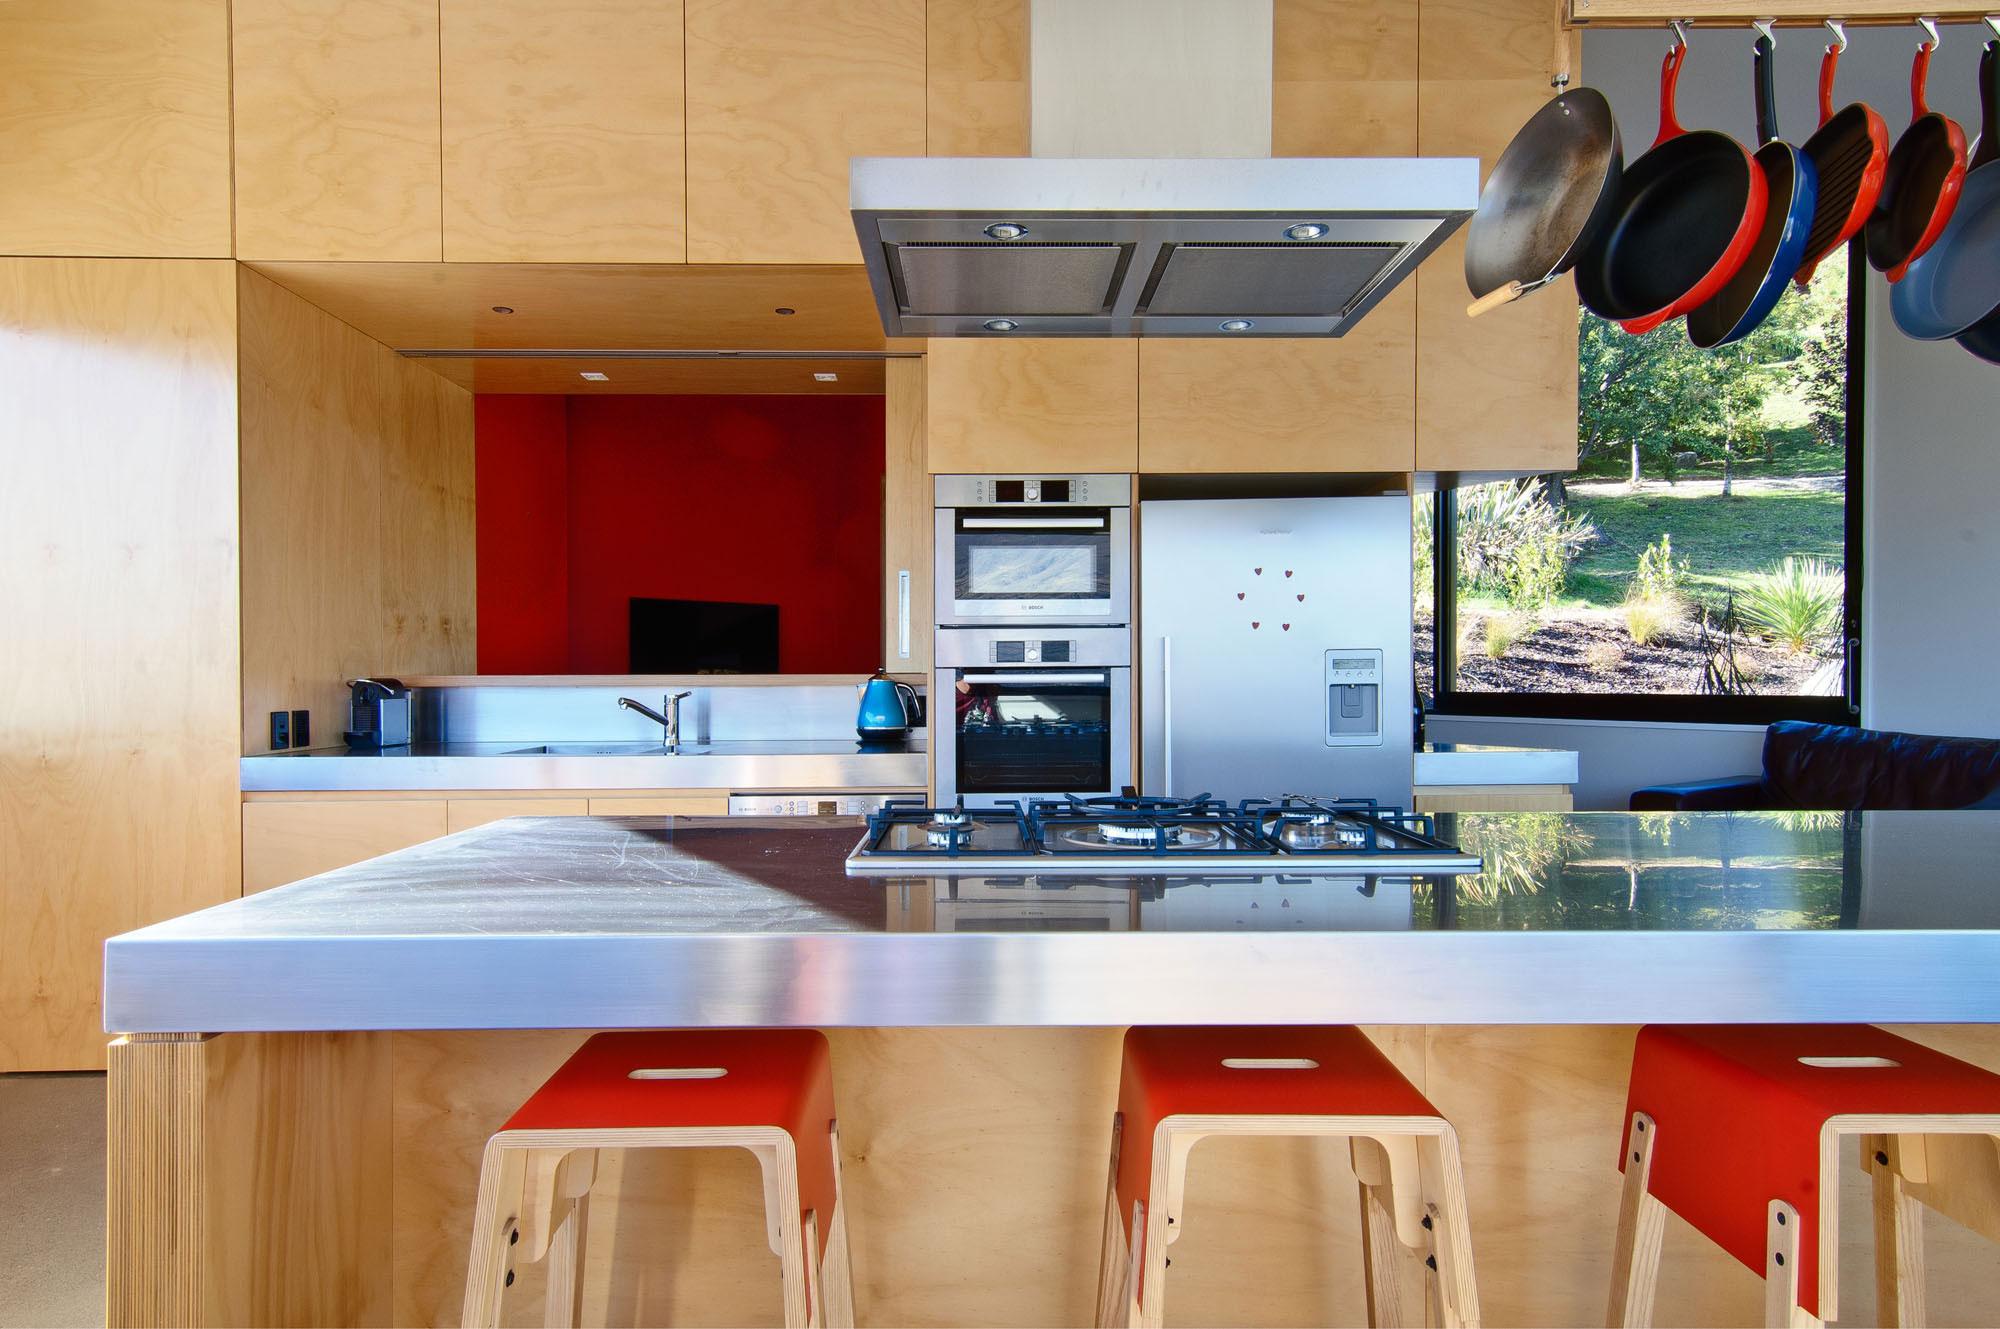 Деревянный кухонный гарнитур - Фото 11